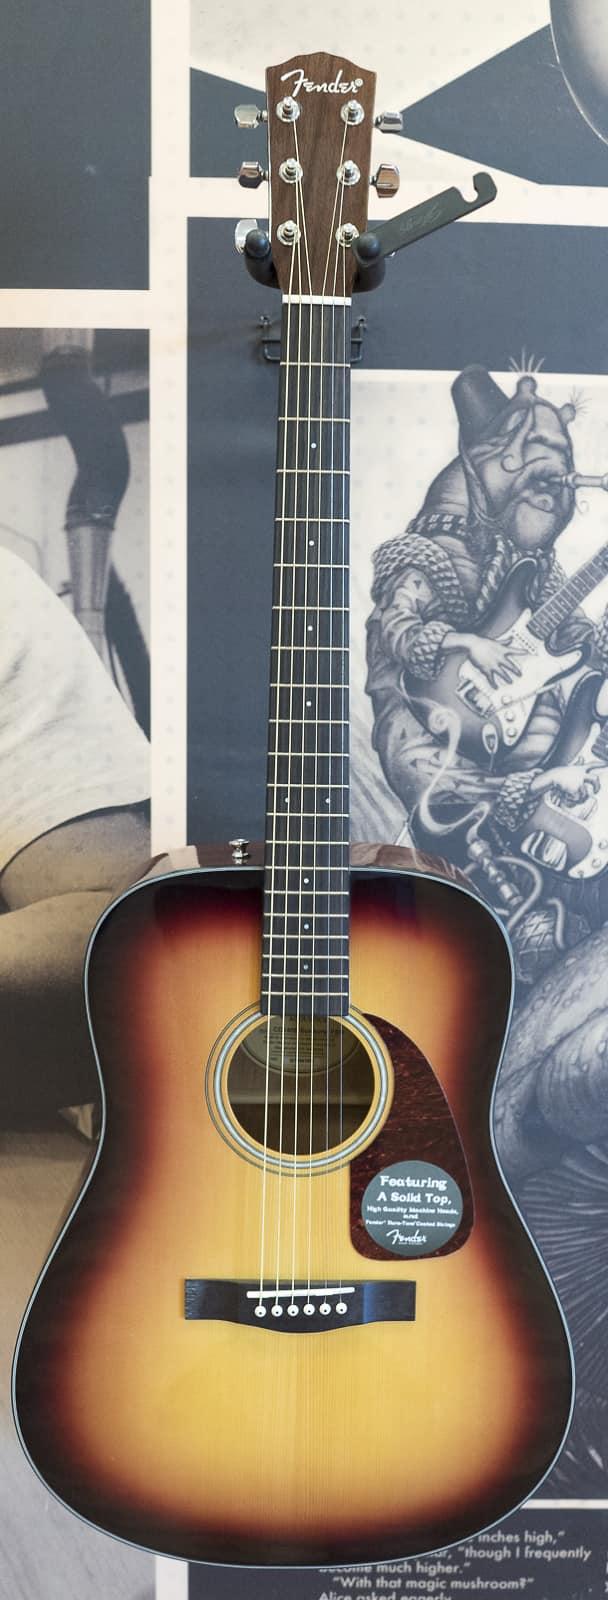 fender cd 140s dreadnought acoustic guitar sunburst reverb. Black Bedroom Furniture Sets. Home Design Ideas